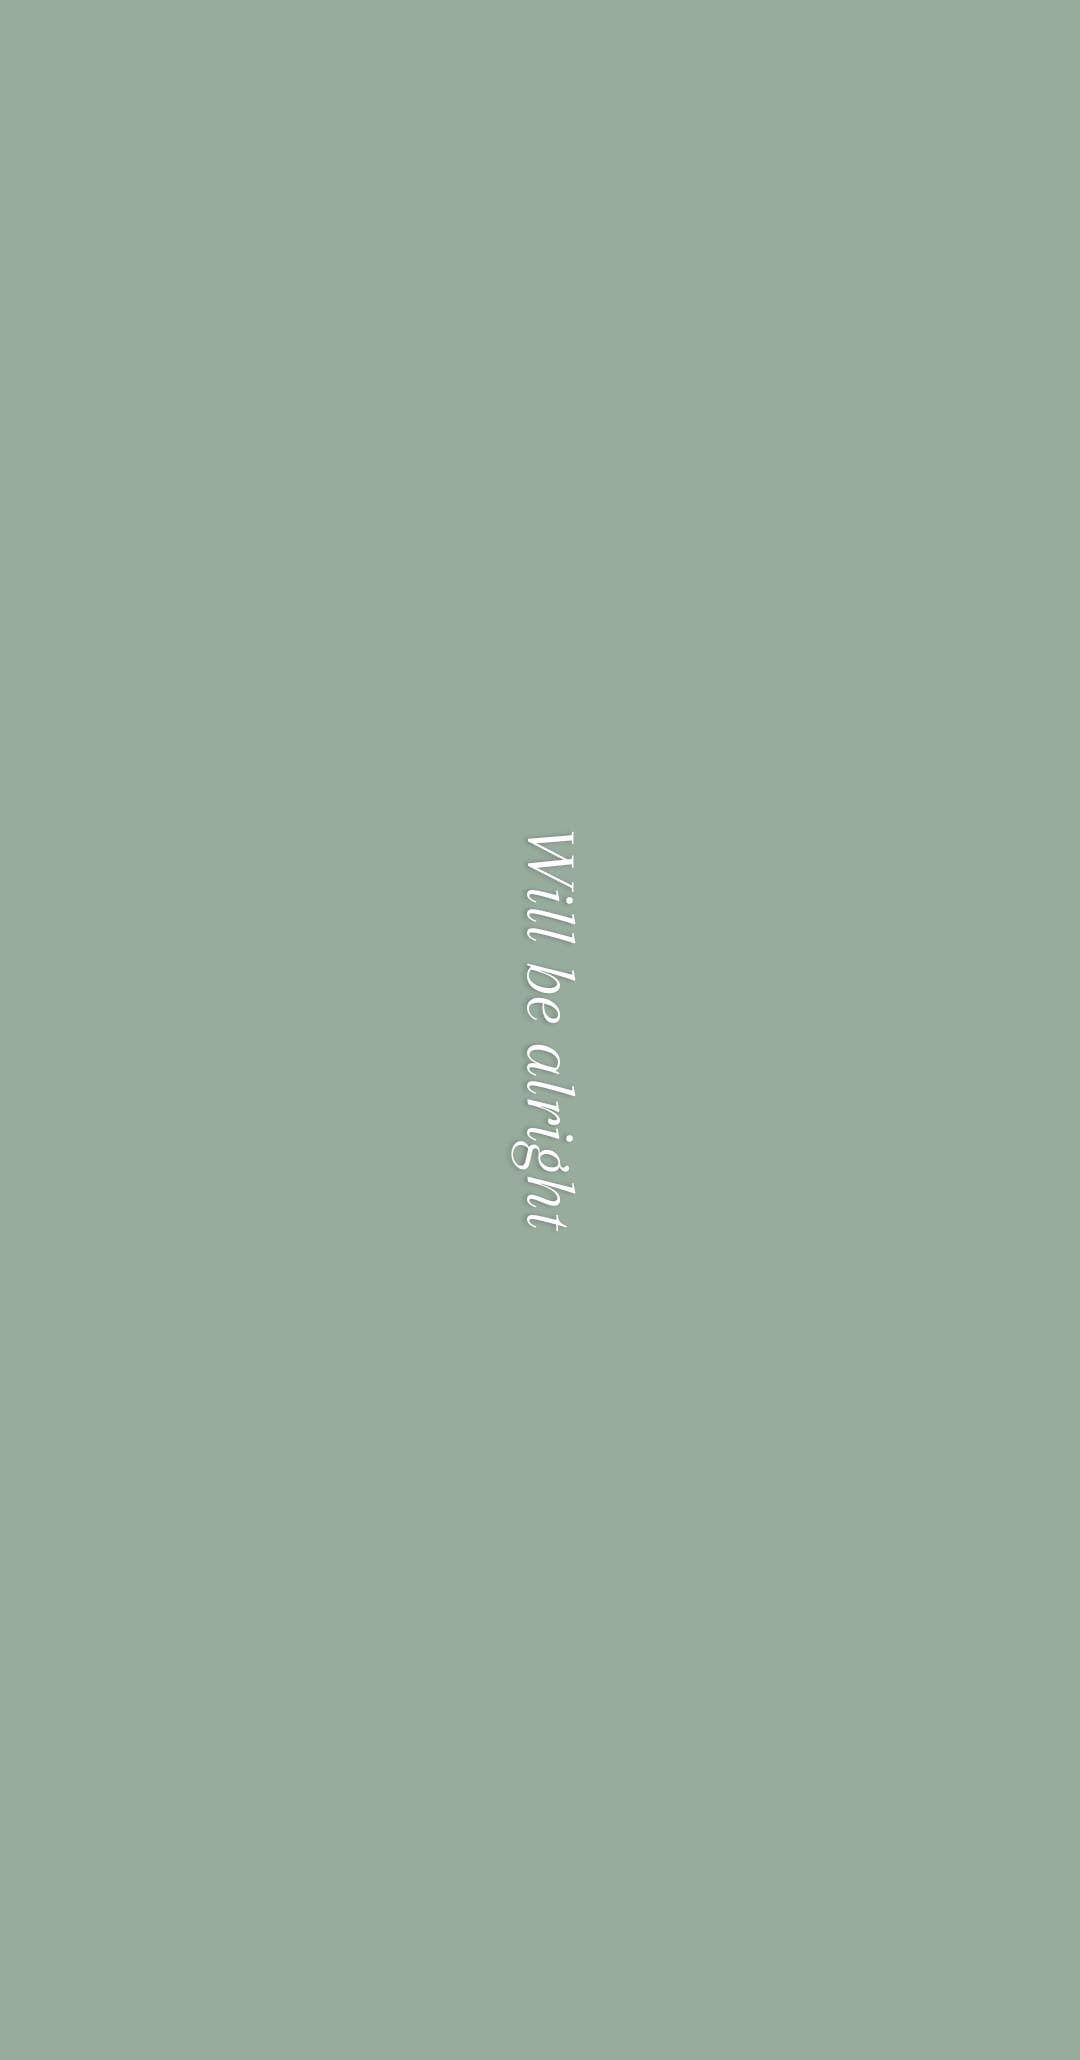 1080x2060 achilles trên nền.  Báo giá xanh, Thẩm mỹ xanh Sage, Báo giá thẩm mỹ xanh